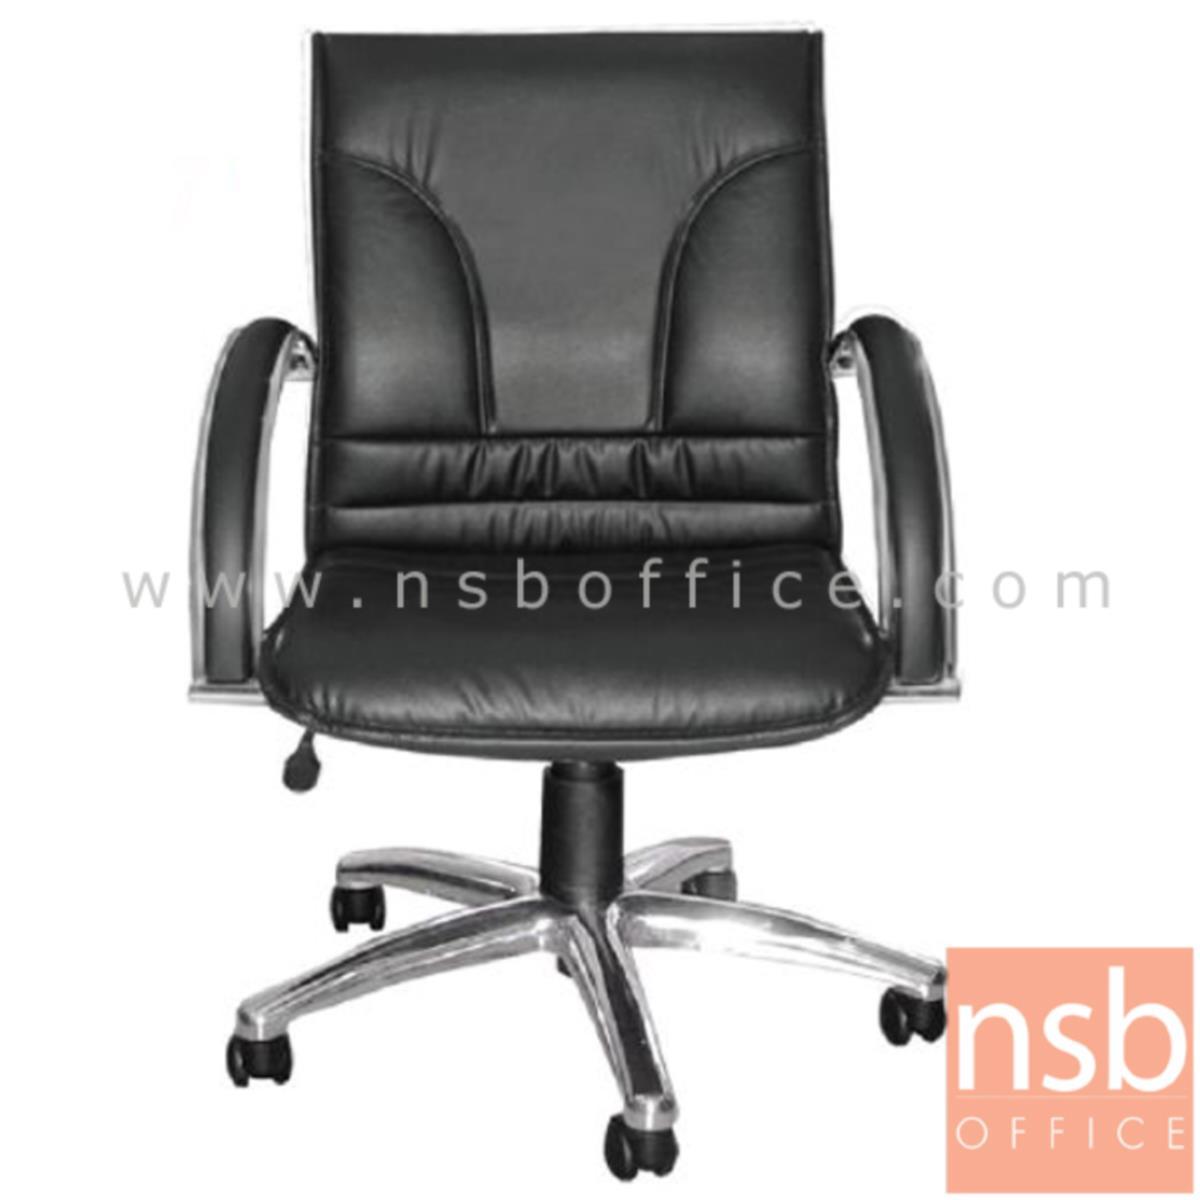 B26A051:เก้าอี้สำนักงาน รุ่น Carbrini  โช๊คแก๊ส มีก้อนโยก ขาเหล็กชุบโครเมี่ยม